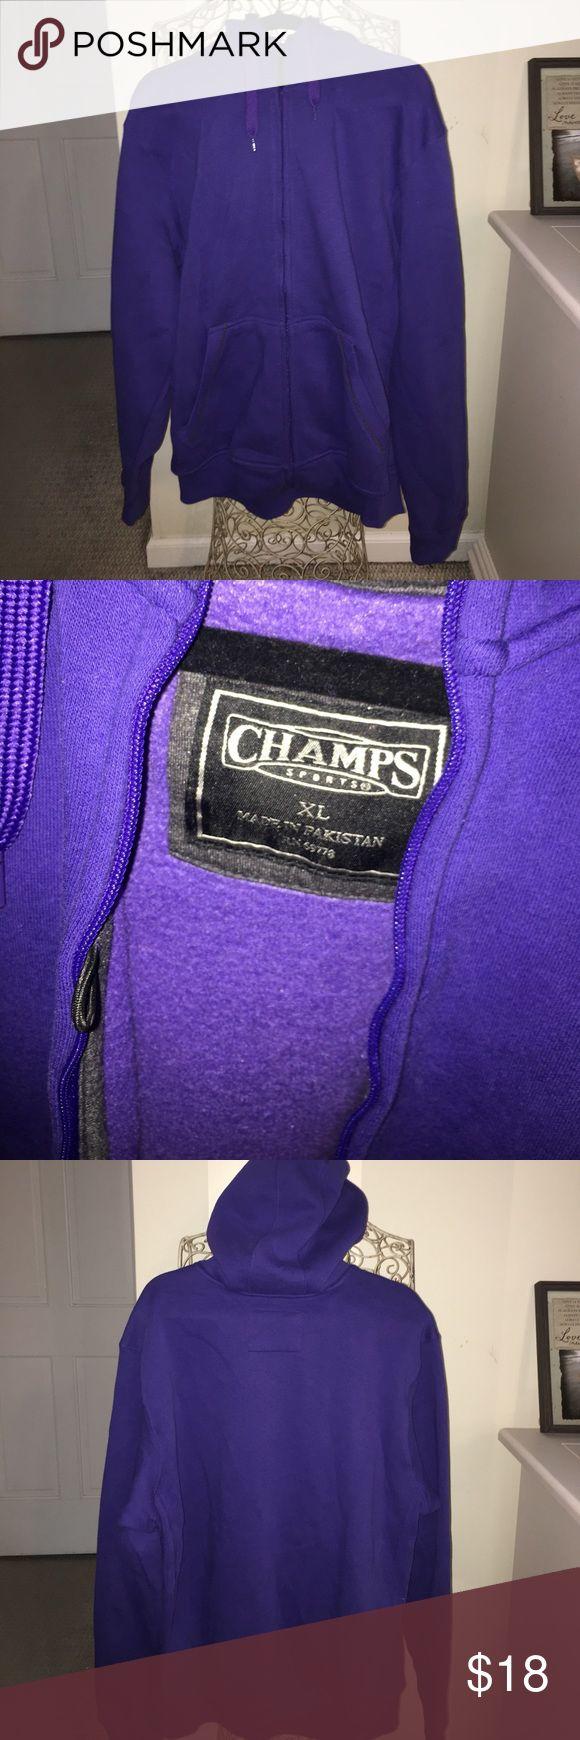 Men's Purple Zip Up Hoodie Champs Men's Purple Zip Up Hoodie, Fleece Lined, Spot for phone and headphones in the pocket. Size XL, worn once! Champs Sweaters Zip Up